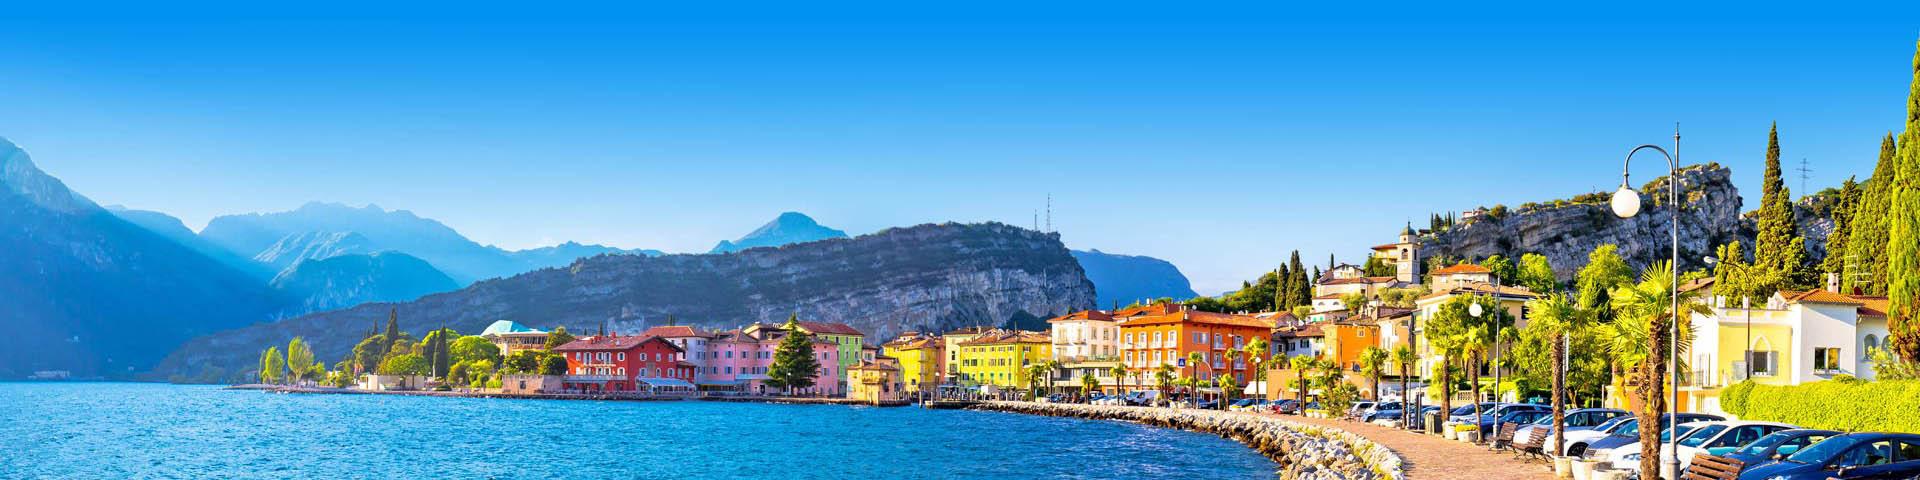 Boulevard van kleurrijke stad van Torbole aan het Lago di Garda meer, Italië